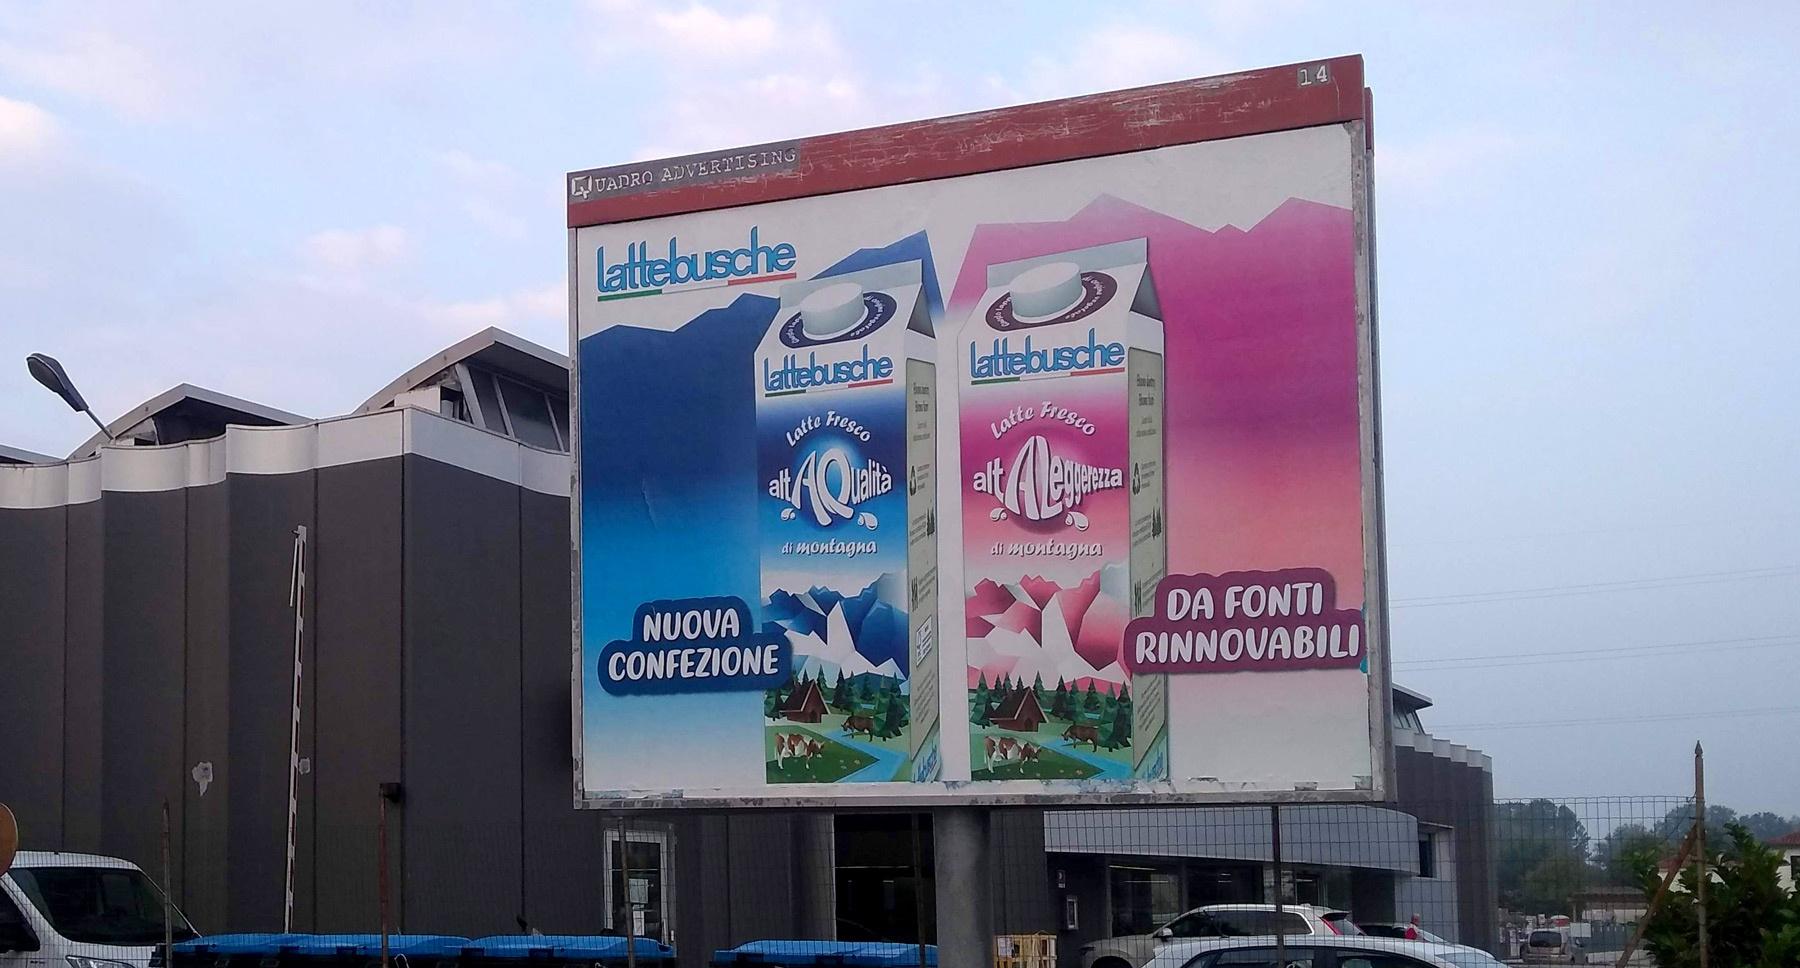 lattebusche adv